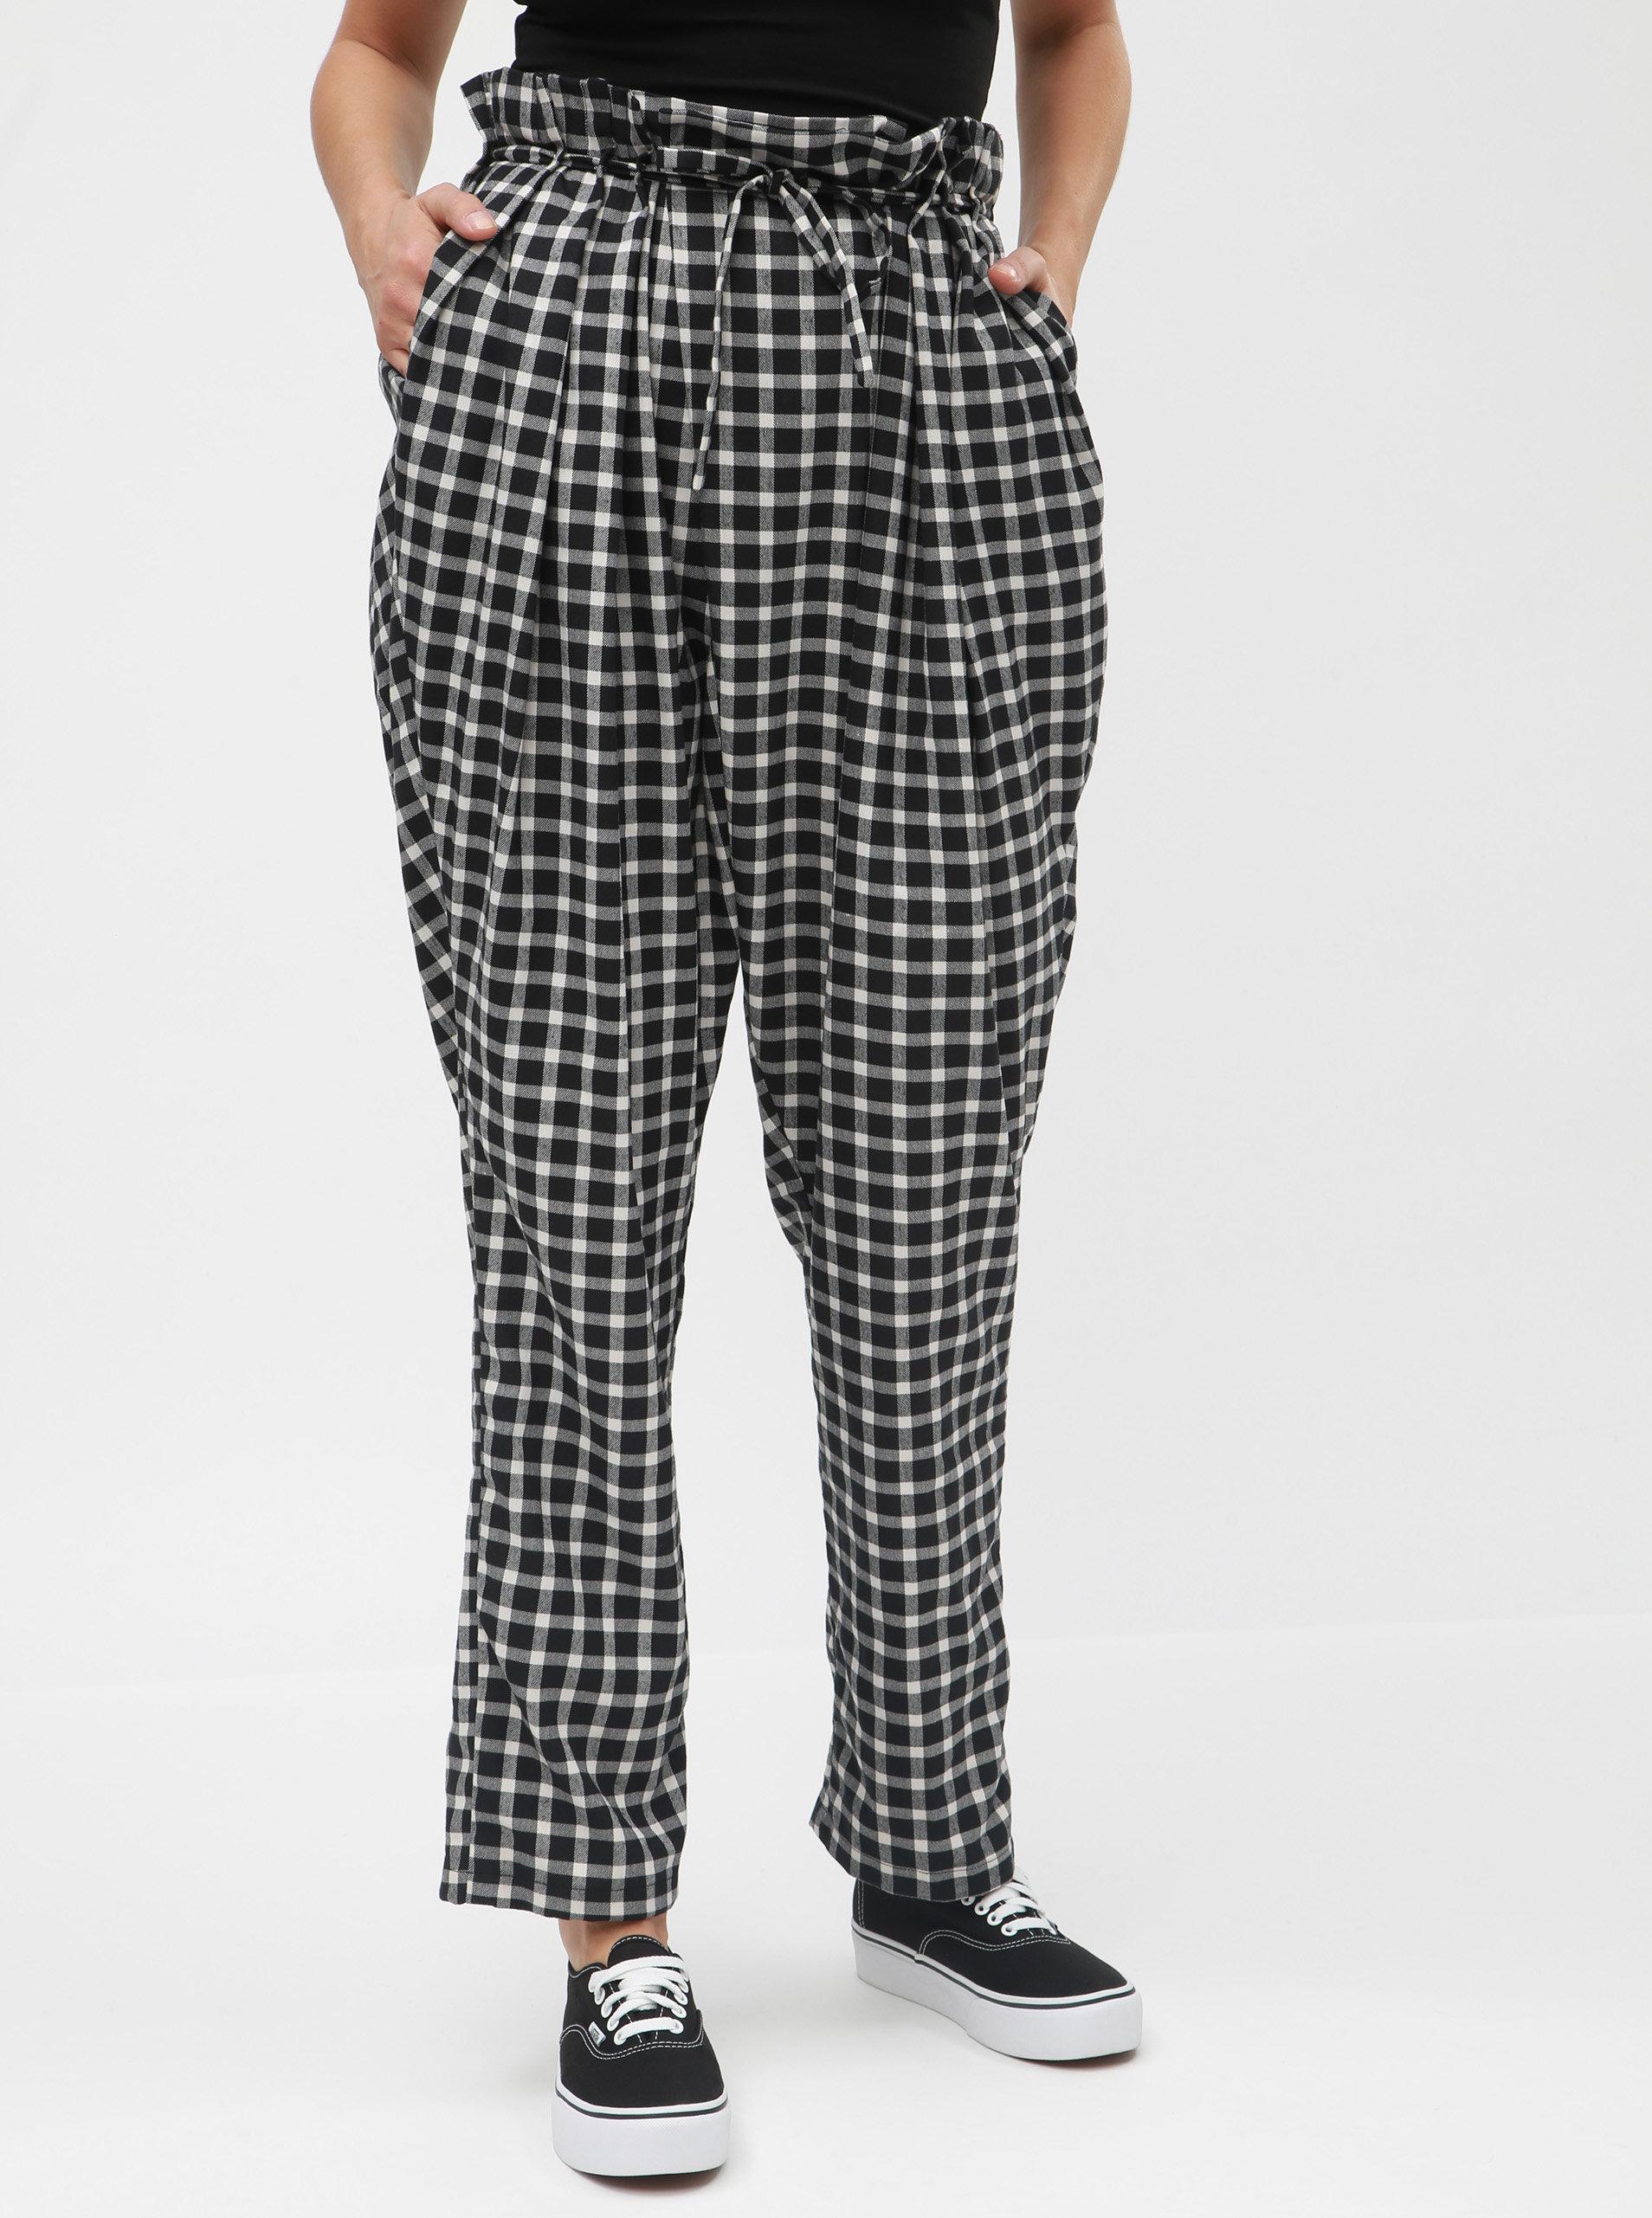 2f2e4452dc6 Bílo-černé kostkované kalhoty s vysokým pasem a páskem La femme MiMi ...